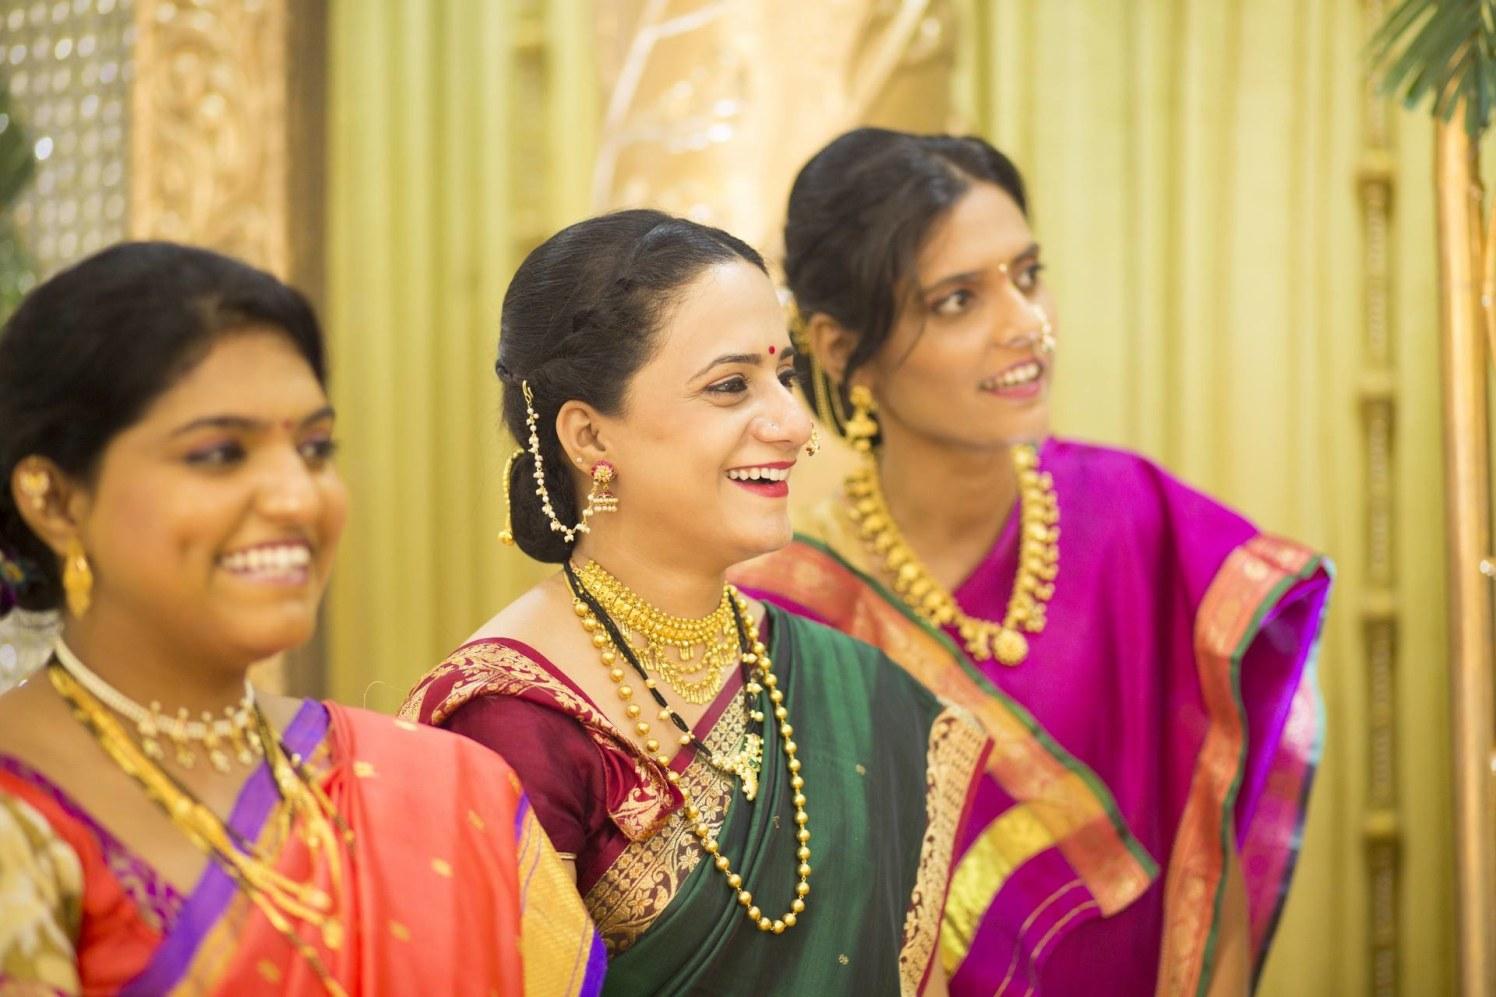 Marathi enchantment by Cuttlefish Photography Wedding-photography | Weddings Photos & Ideas